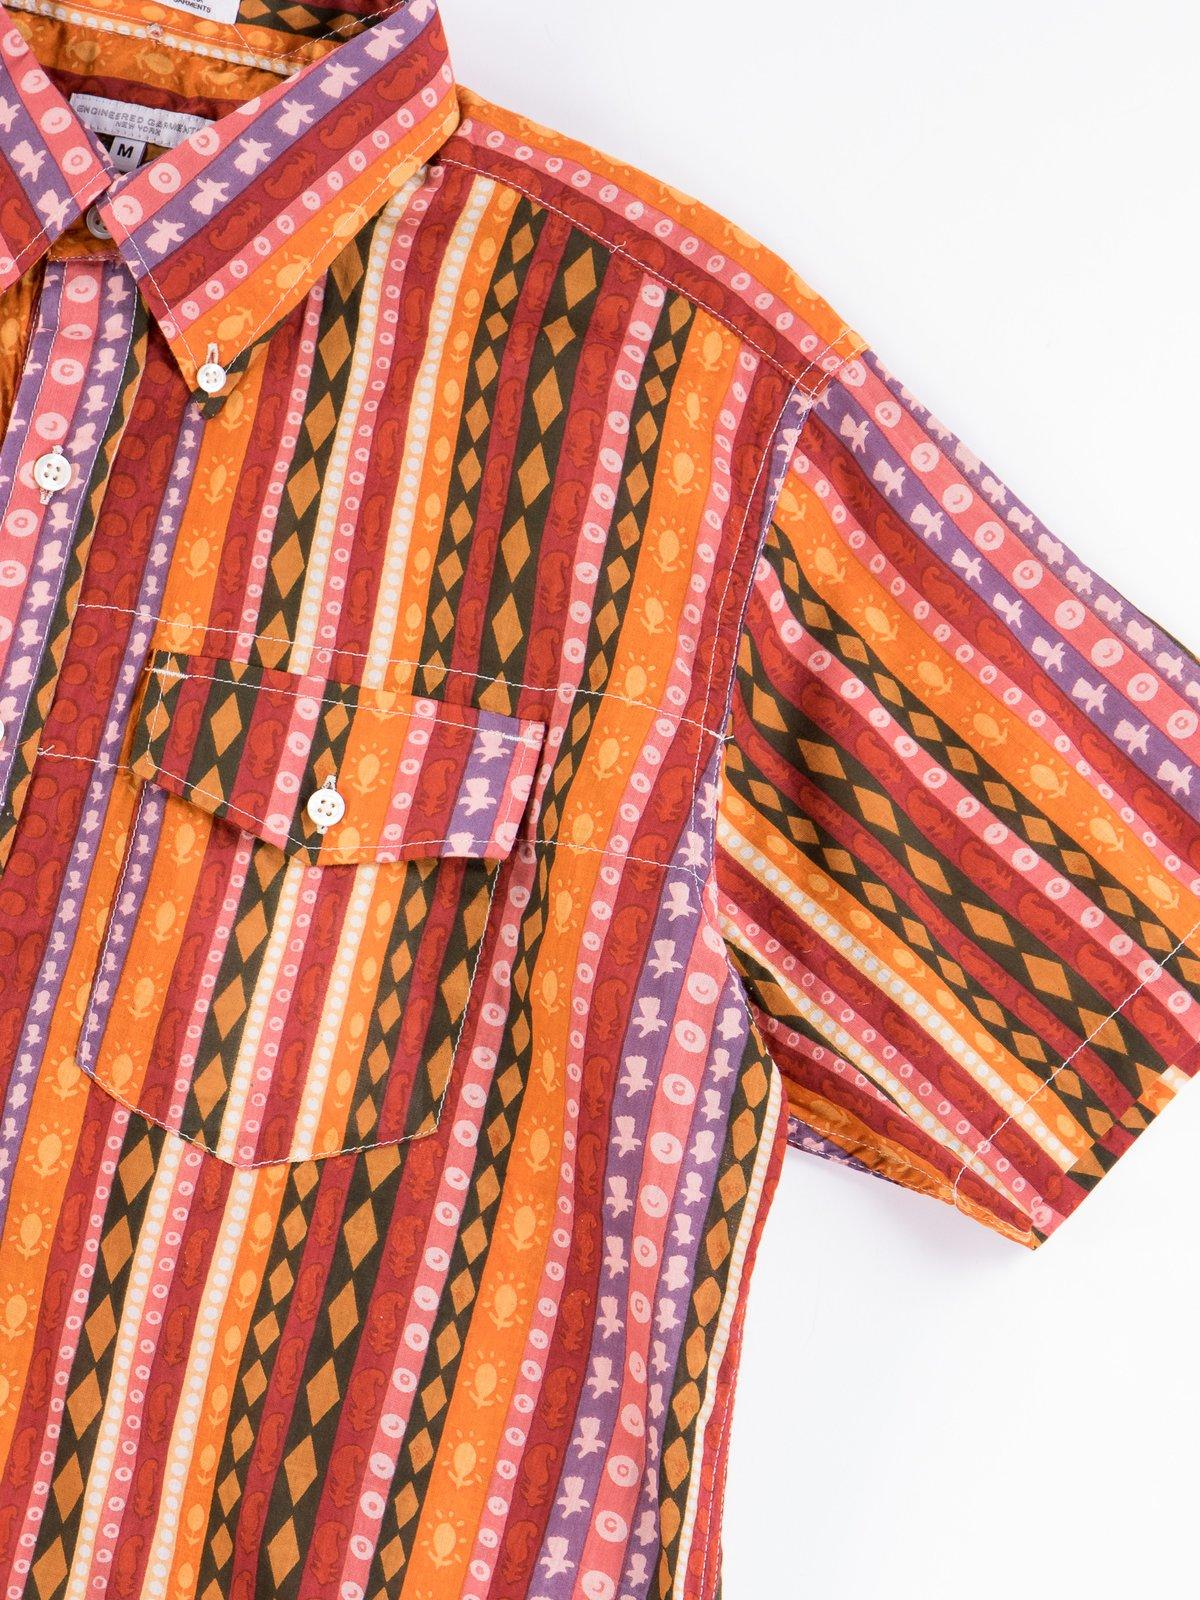 Orange Cotton Lawn Batik Stripe Popover BD Shirt - Image 3